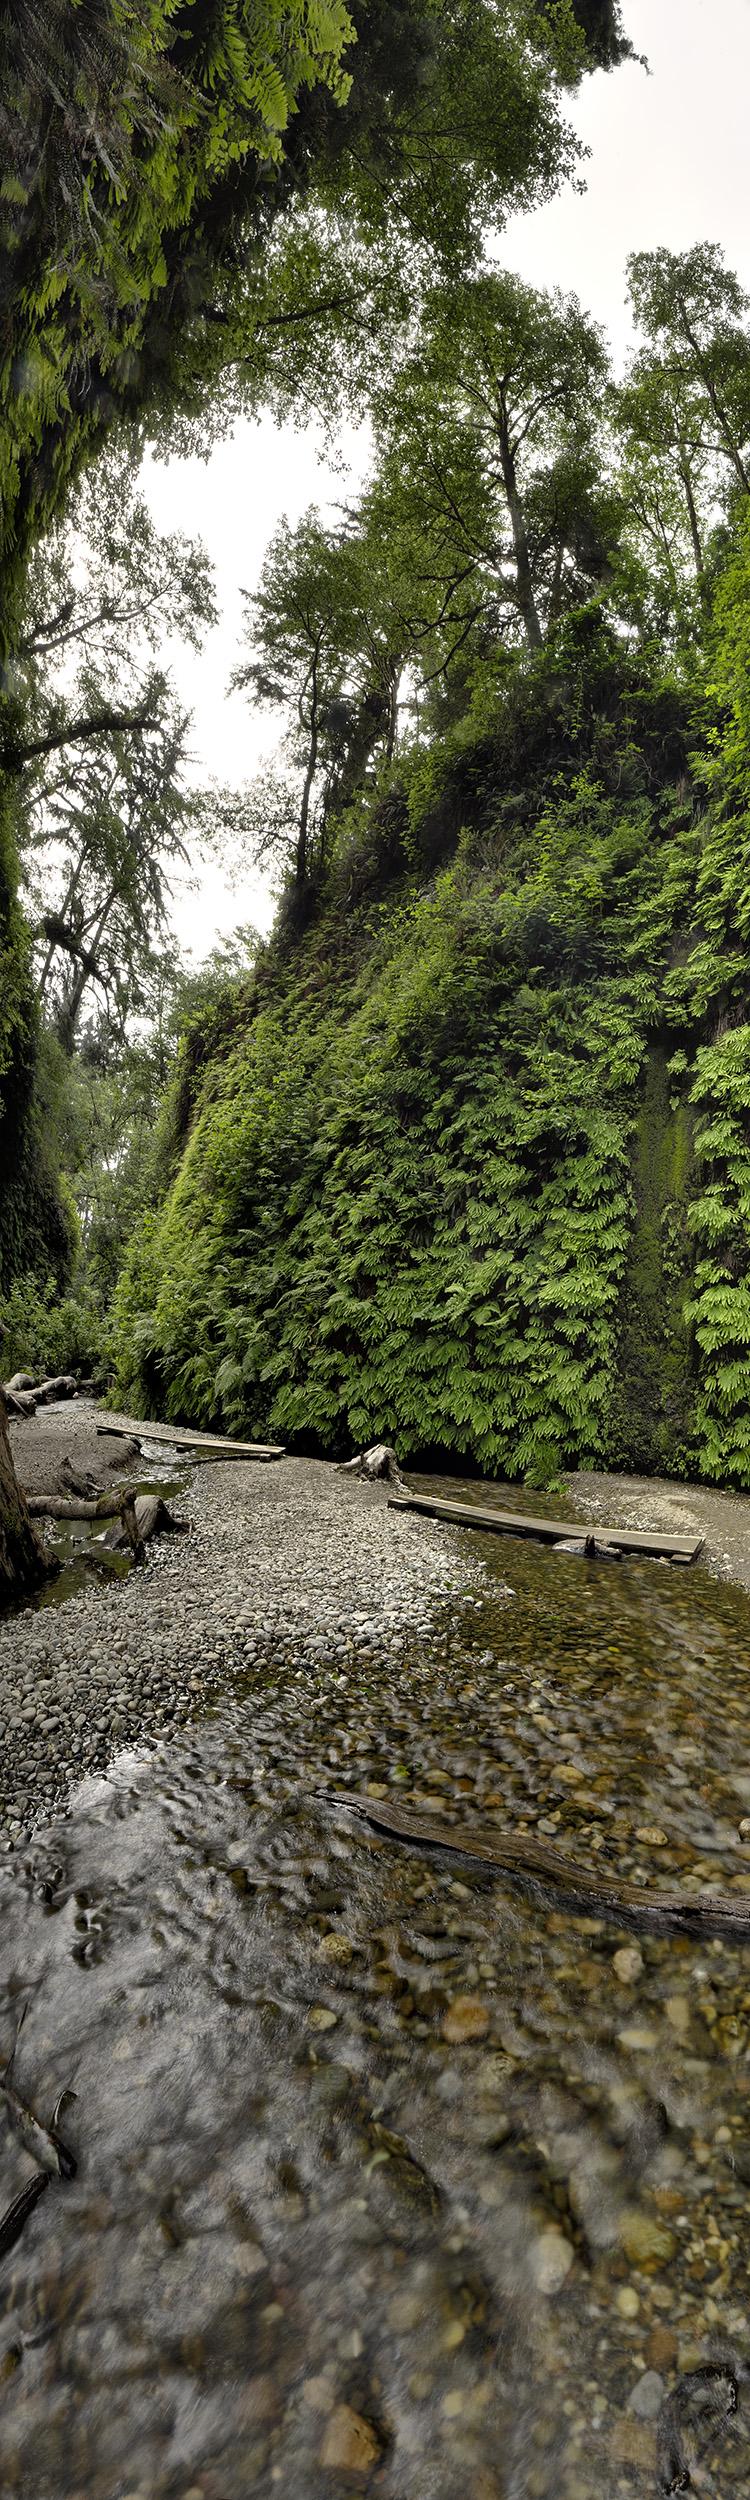 Fern Canyon #3